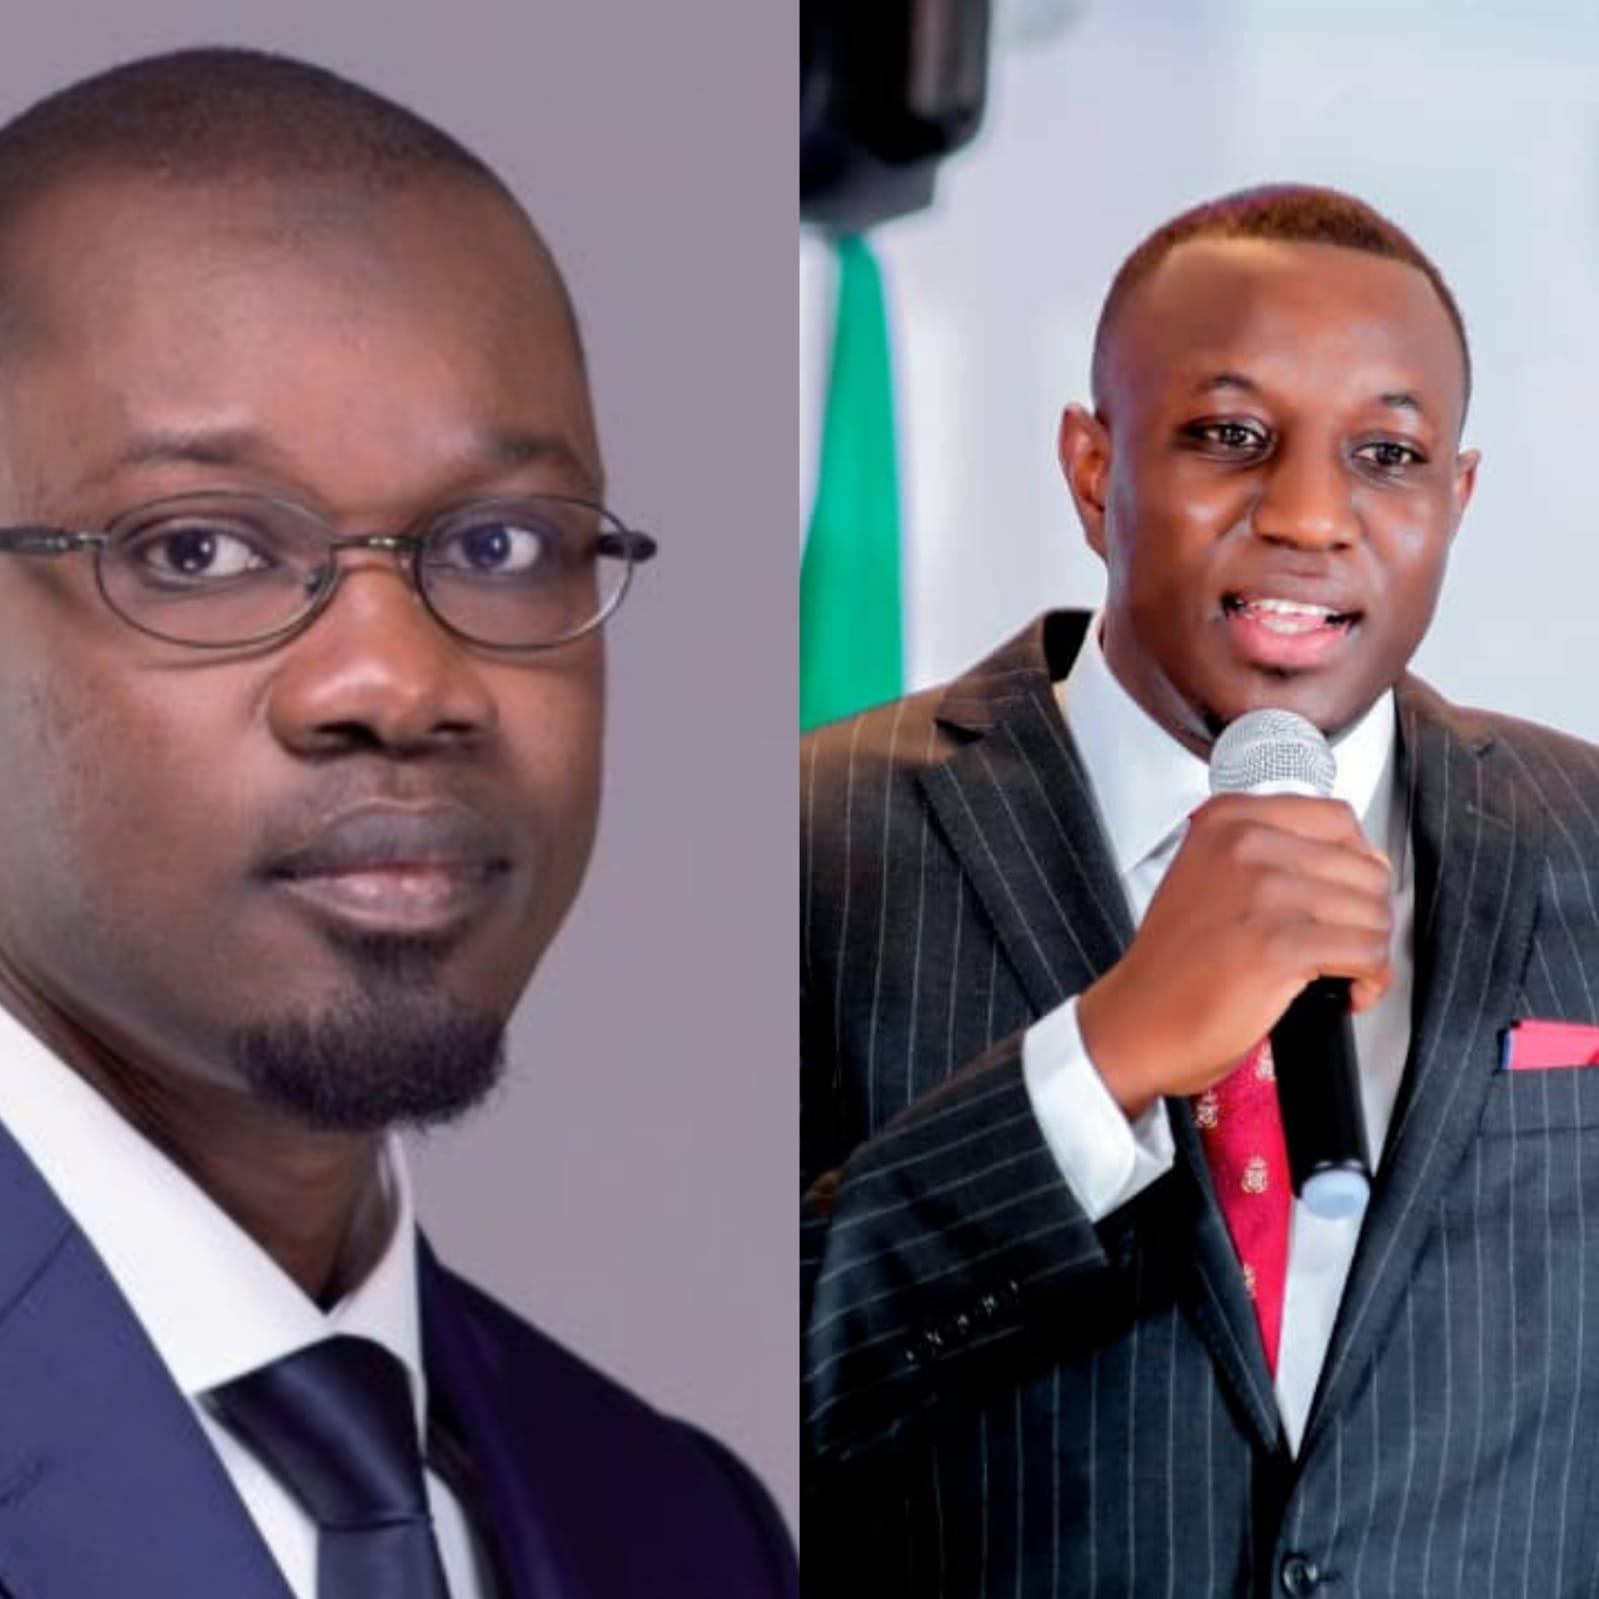 Entretient exclusif avec Mohamet B. Diallo Président du R.L.S ( descent Ousmane Sonko, Ambitions pour le Sénégal, Le Showbizz, Les milliards....)